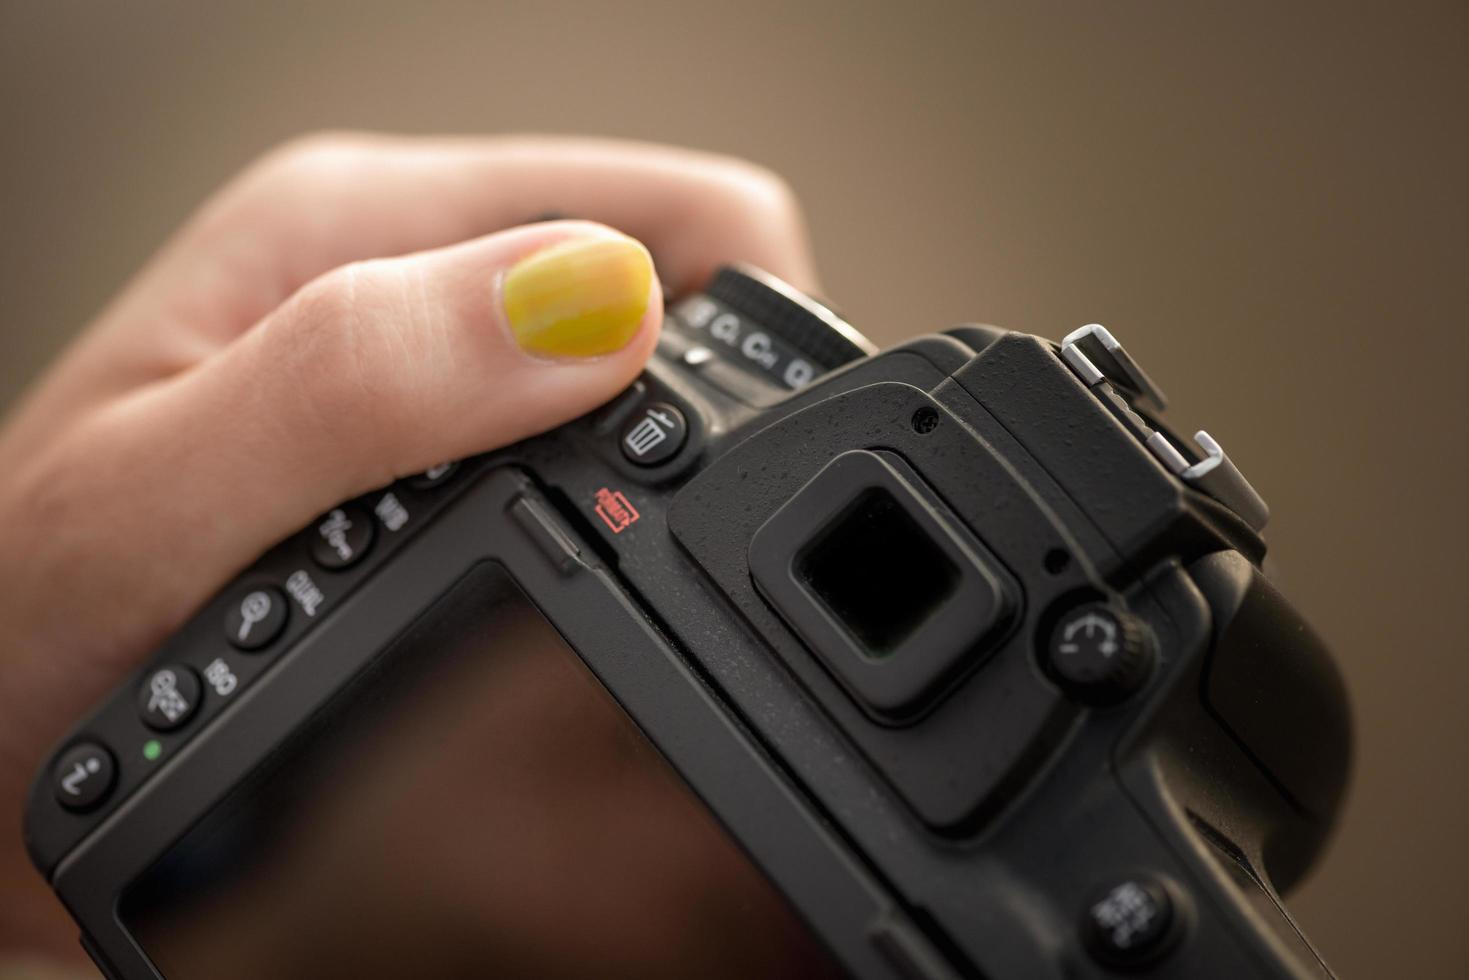 cámara réflex digital en manos de mujer foto